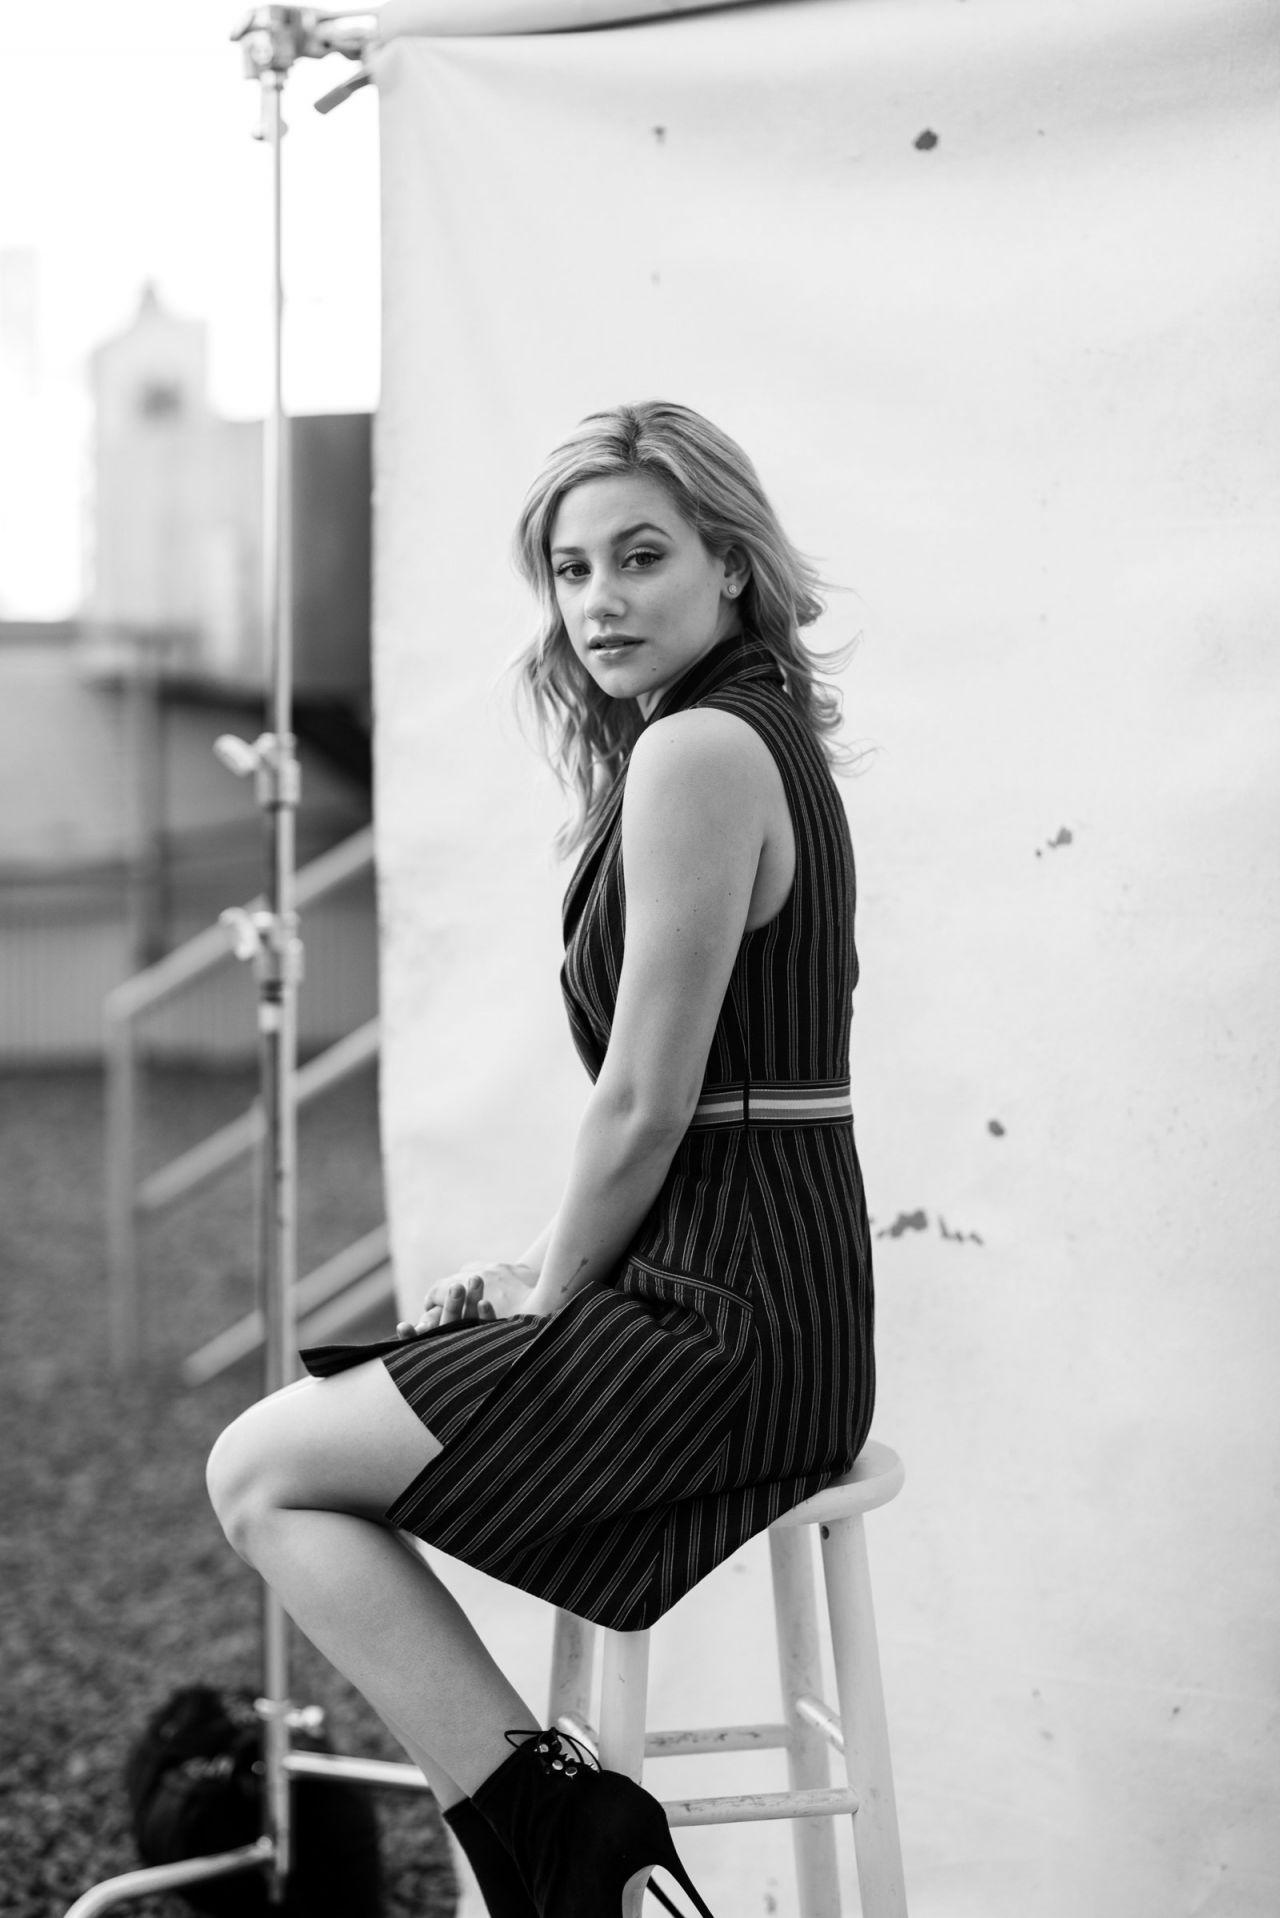 Lili Reinhart - Photoshoot for Buzzfeed 2017